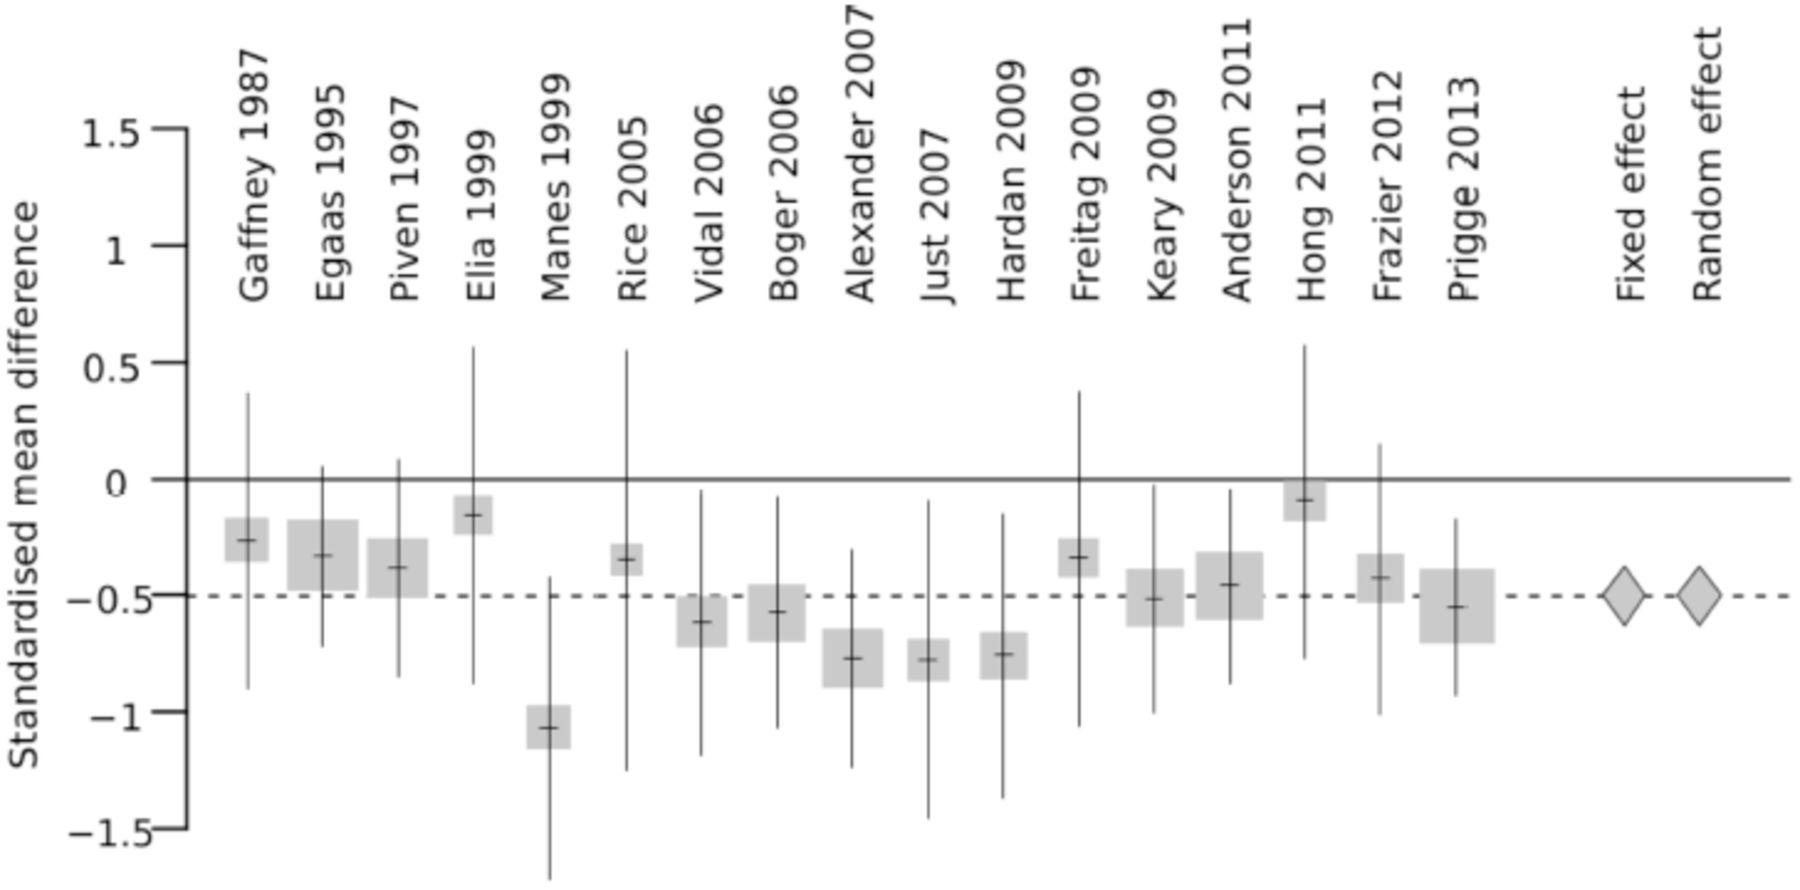 Neuroanatomical diversity of corpus callosum and brain